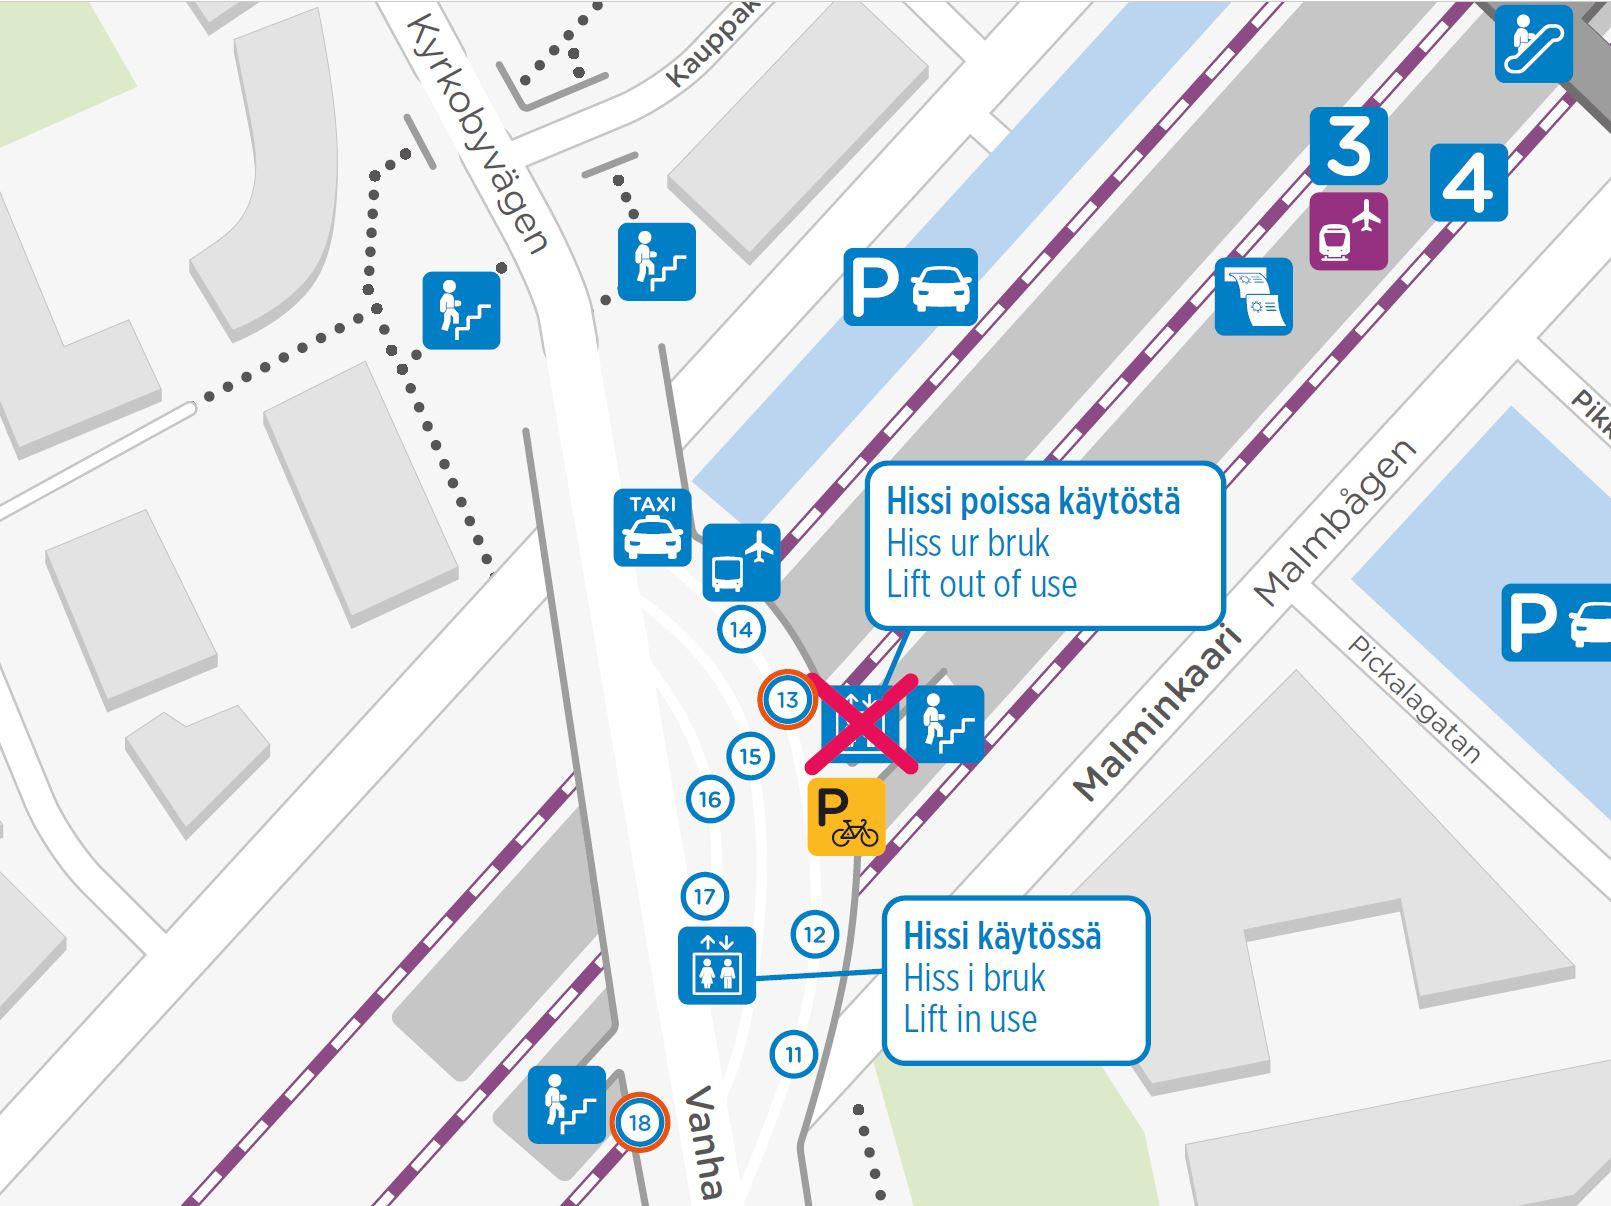 Uusi hissi kartalla Ylä-Malmin bussiterminaalissa laiturin 17 vieressä